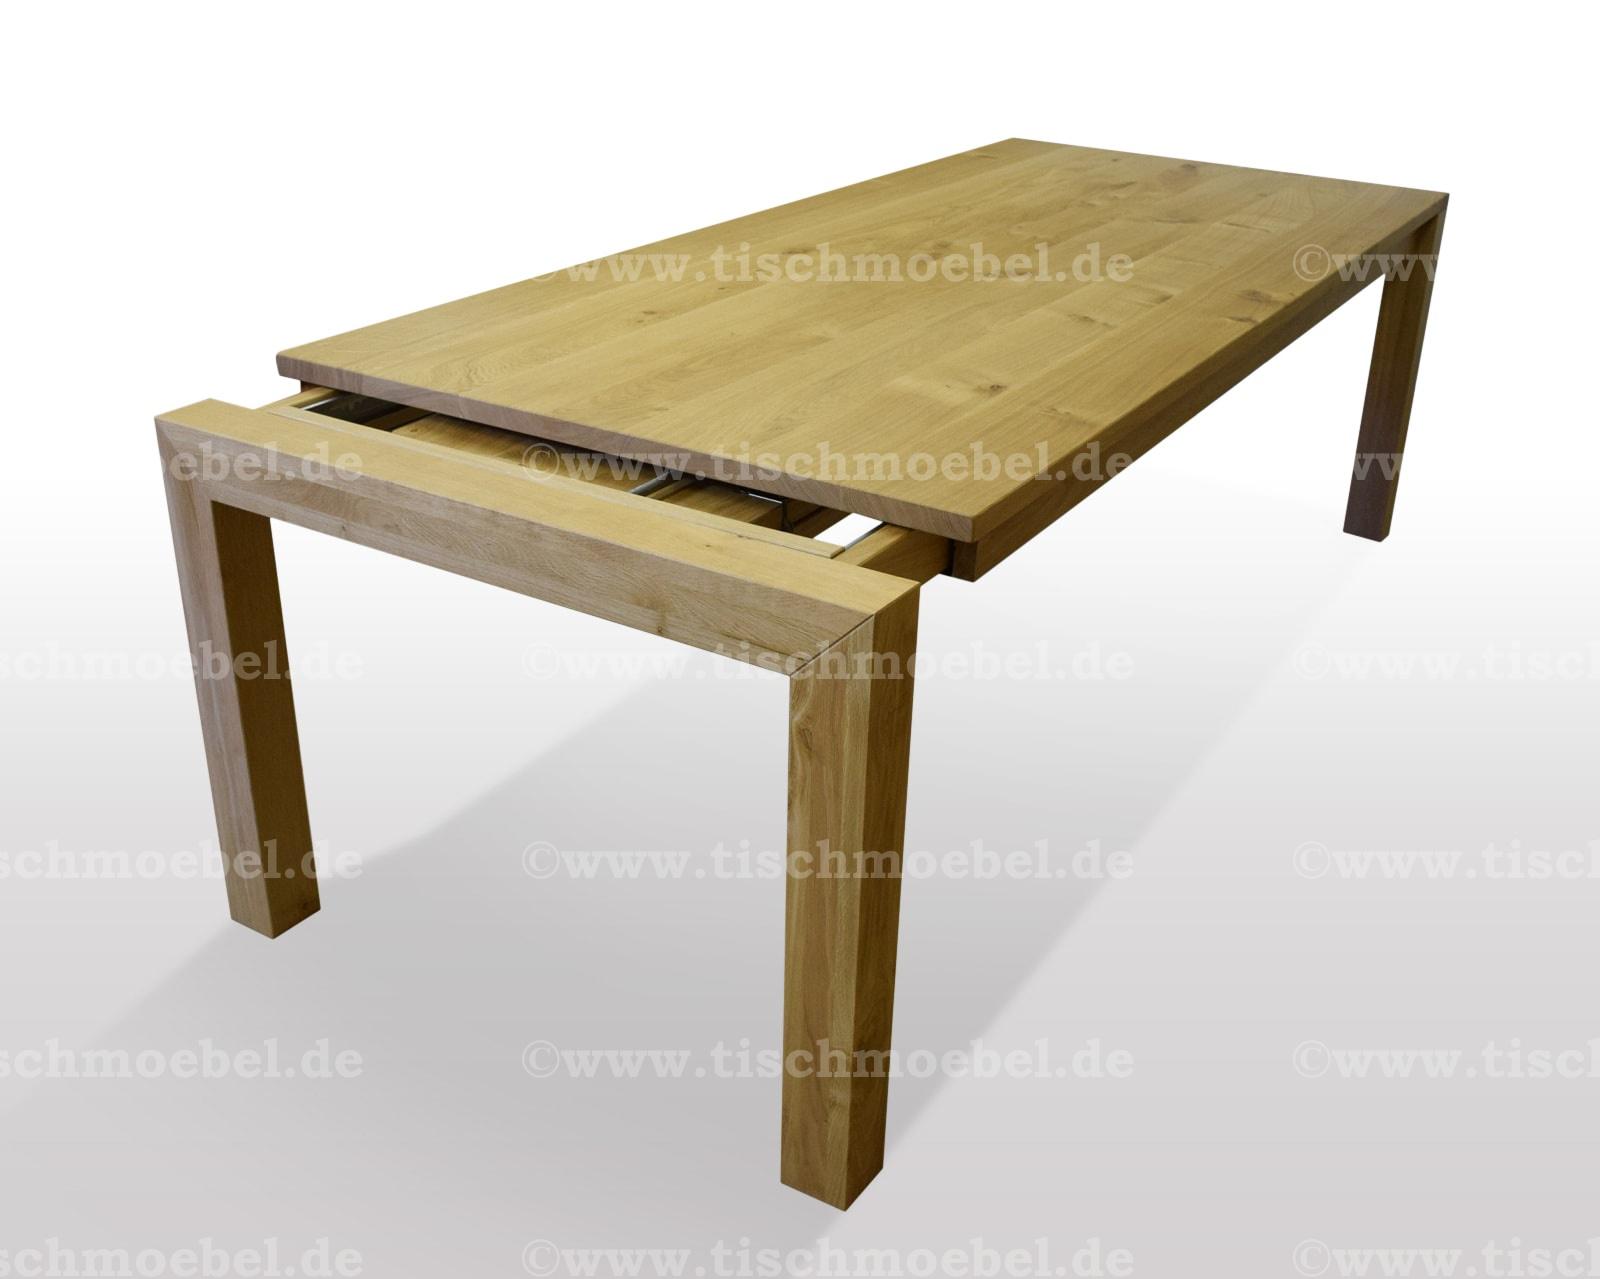 Tisch Eiche massiv - Breite 37cm / Länge wählbar